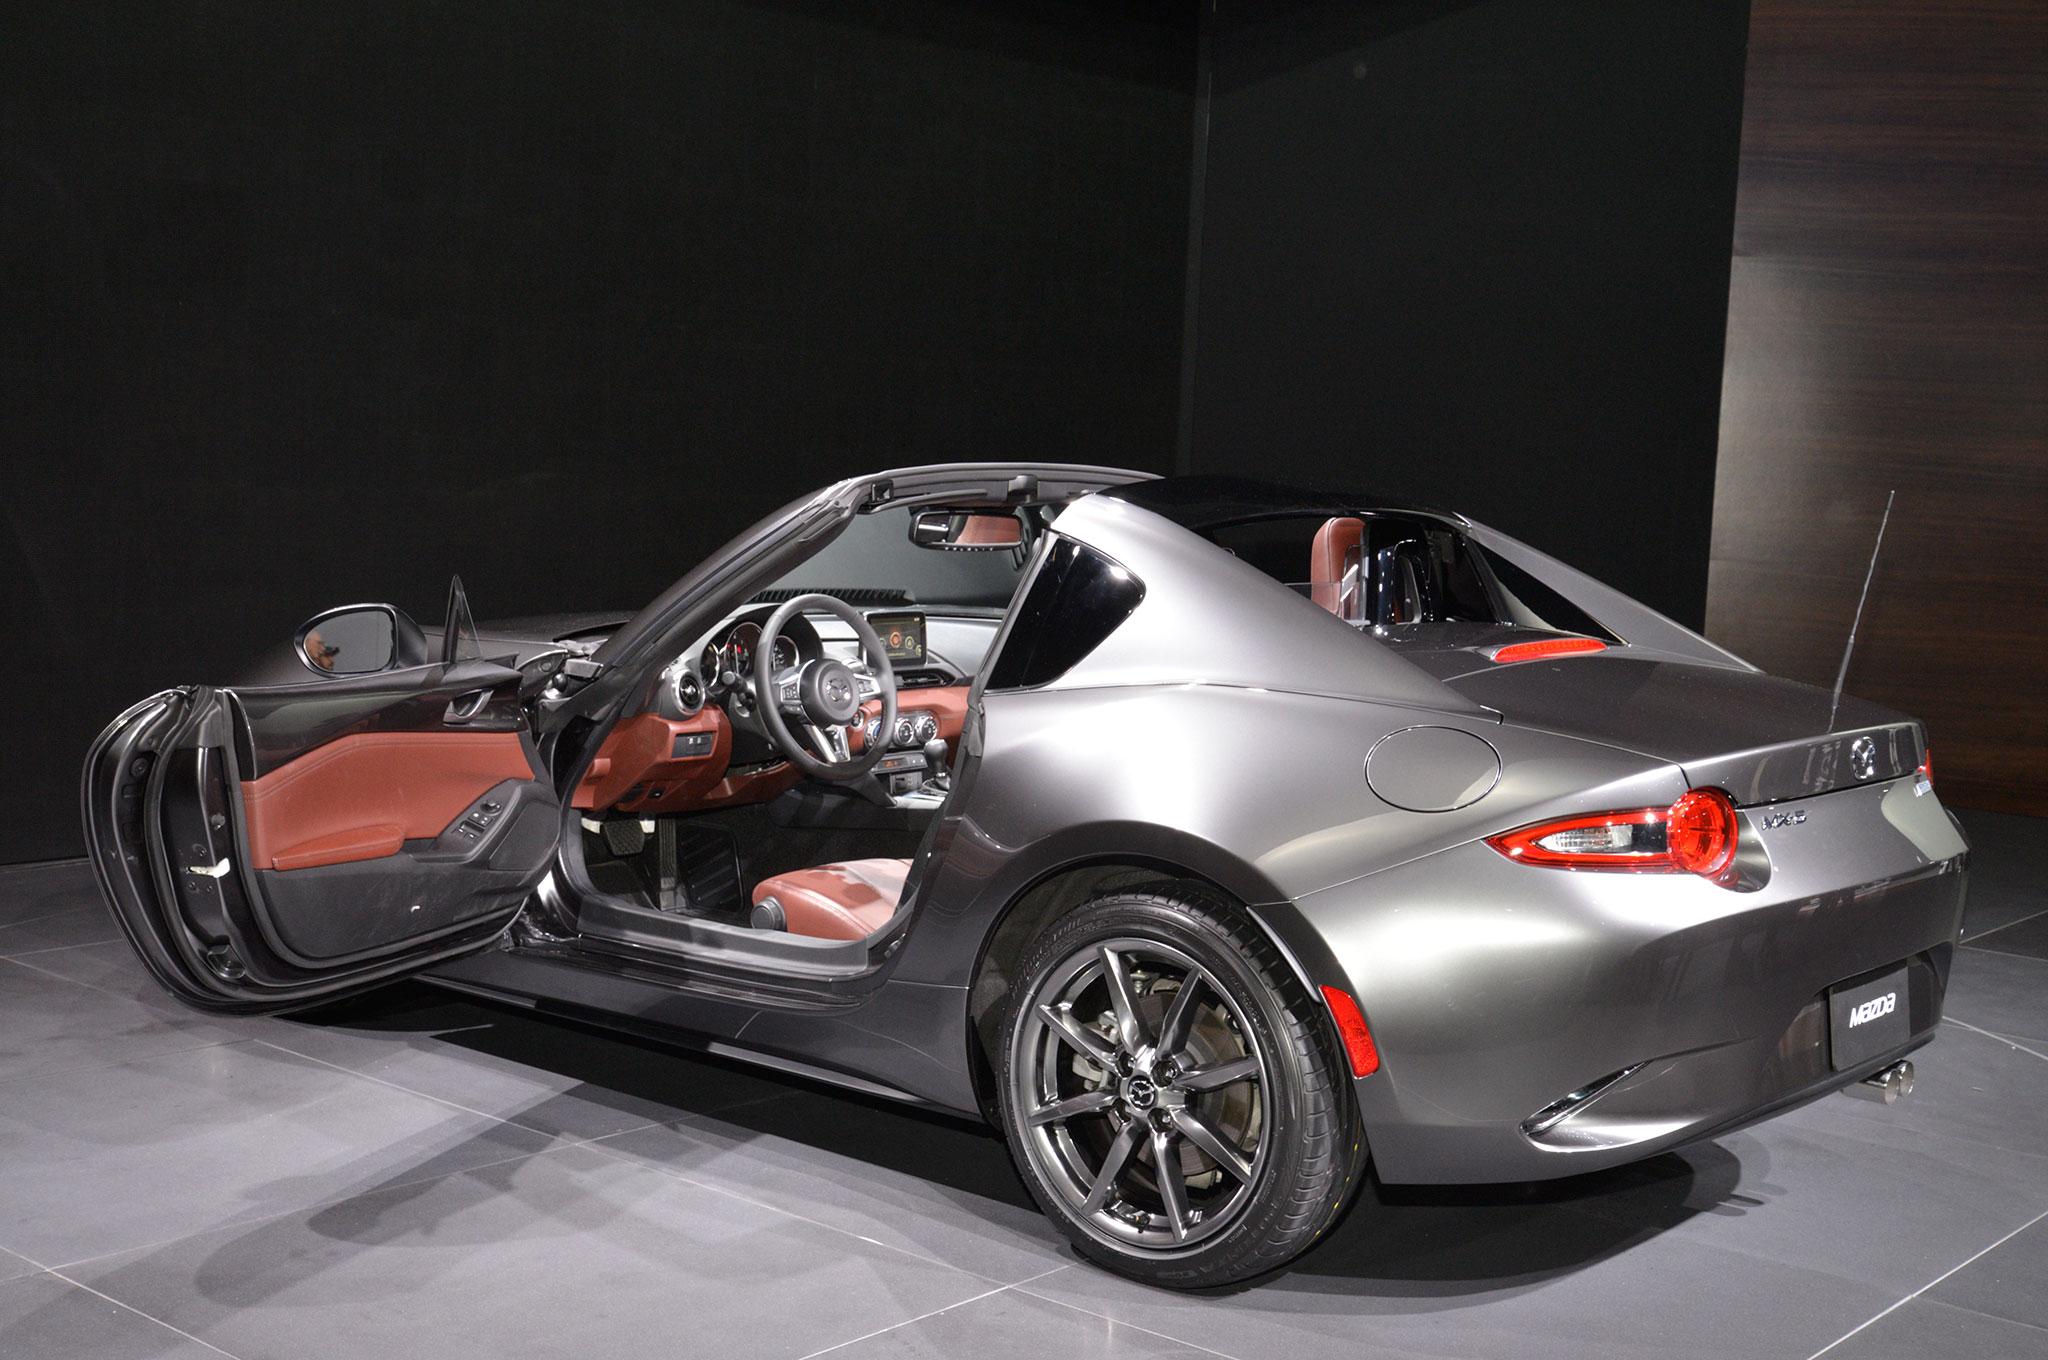 2017 Mazda Mx 5 Miata Rf Launch Edition Starts At 34685 1990 Fuse Box Diagram Show More